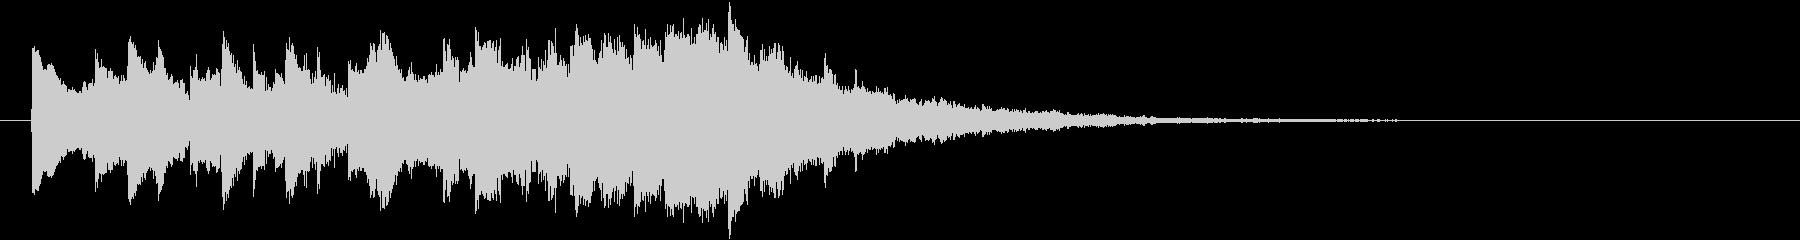 クール&未来的なオープニングロゴの未再生の波形